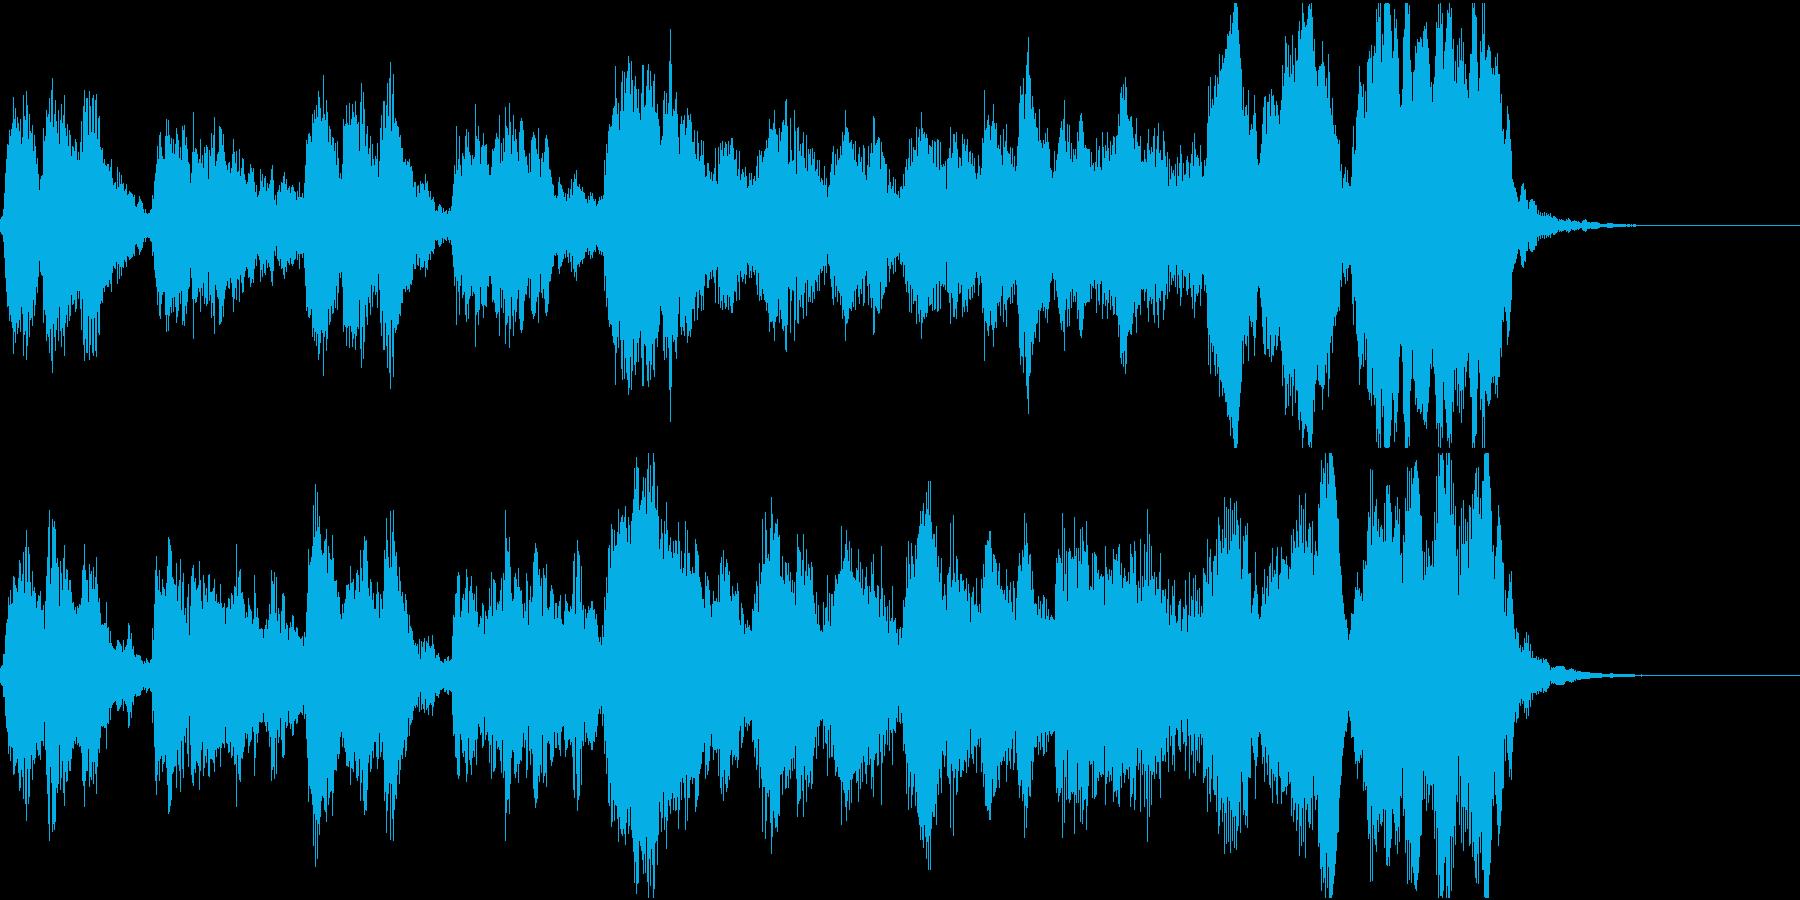 管弦楽のエキゾチックなジングルの再生済みの波形